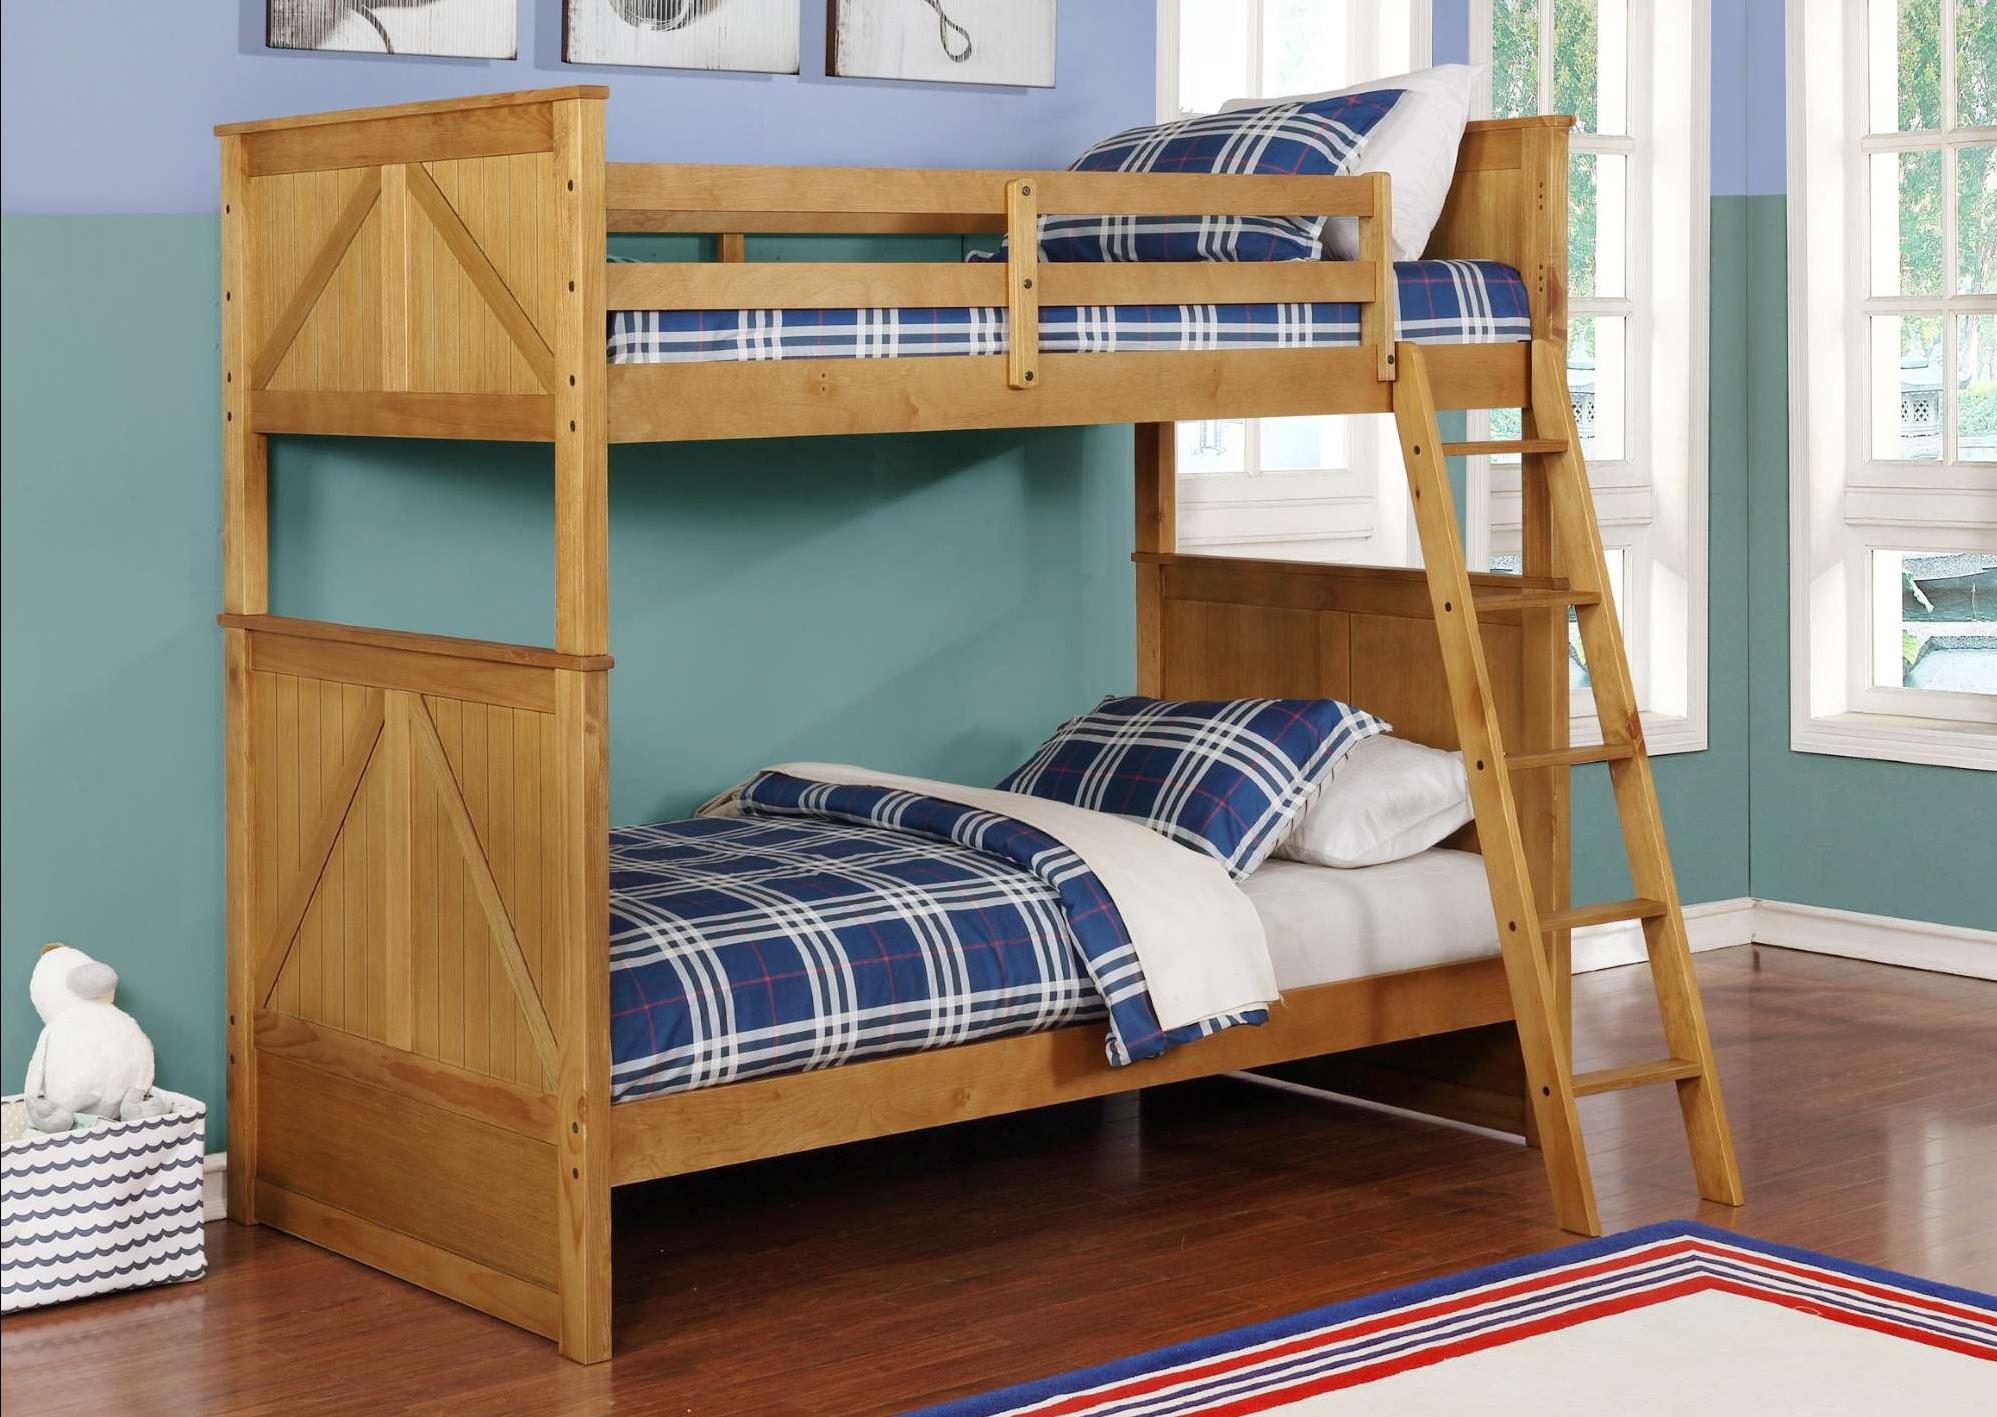 BED45485 Walnut Bunk Bed